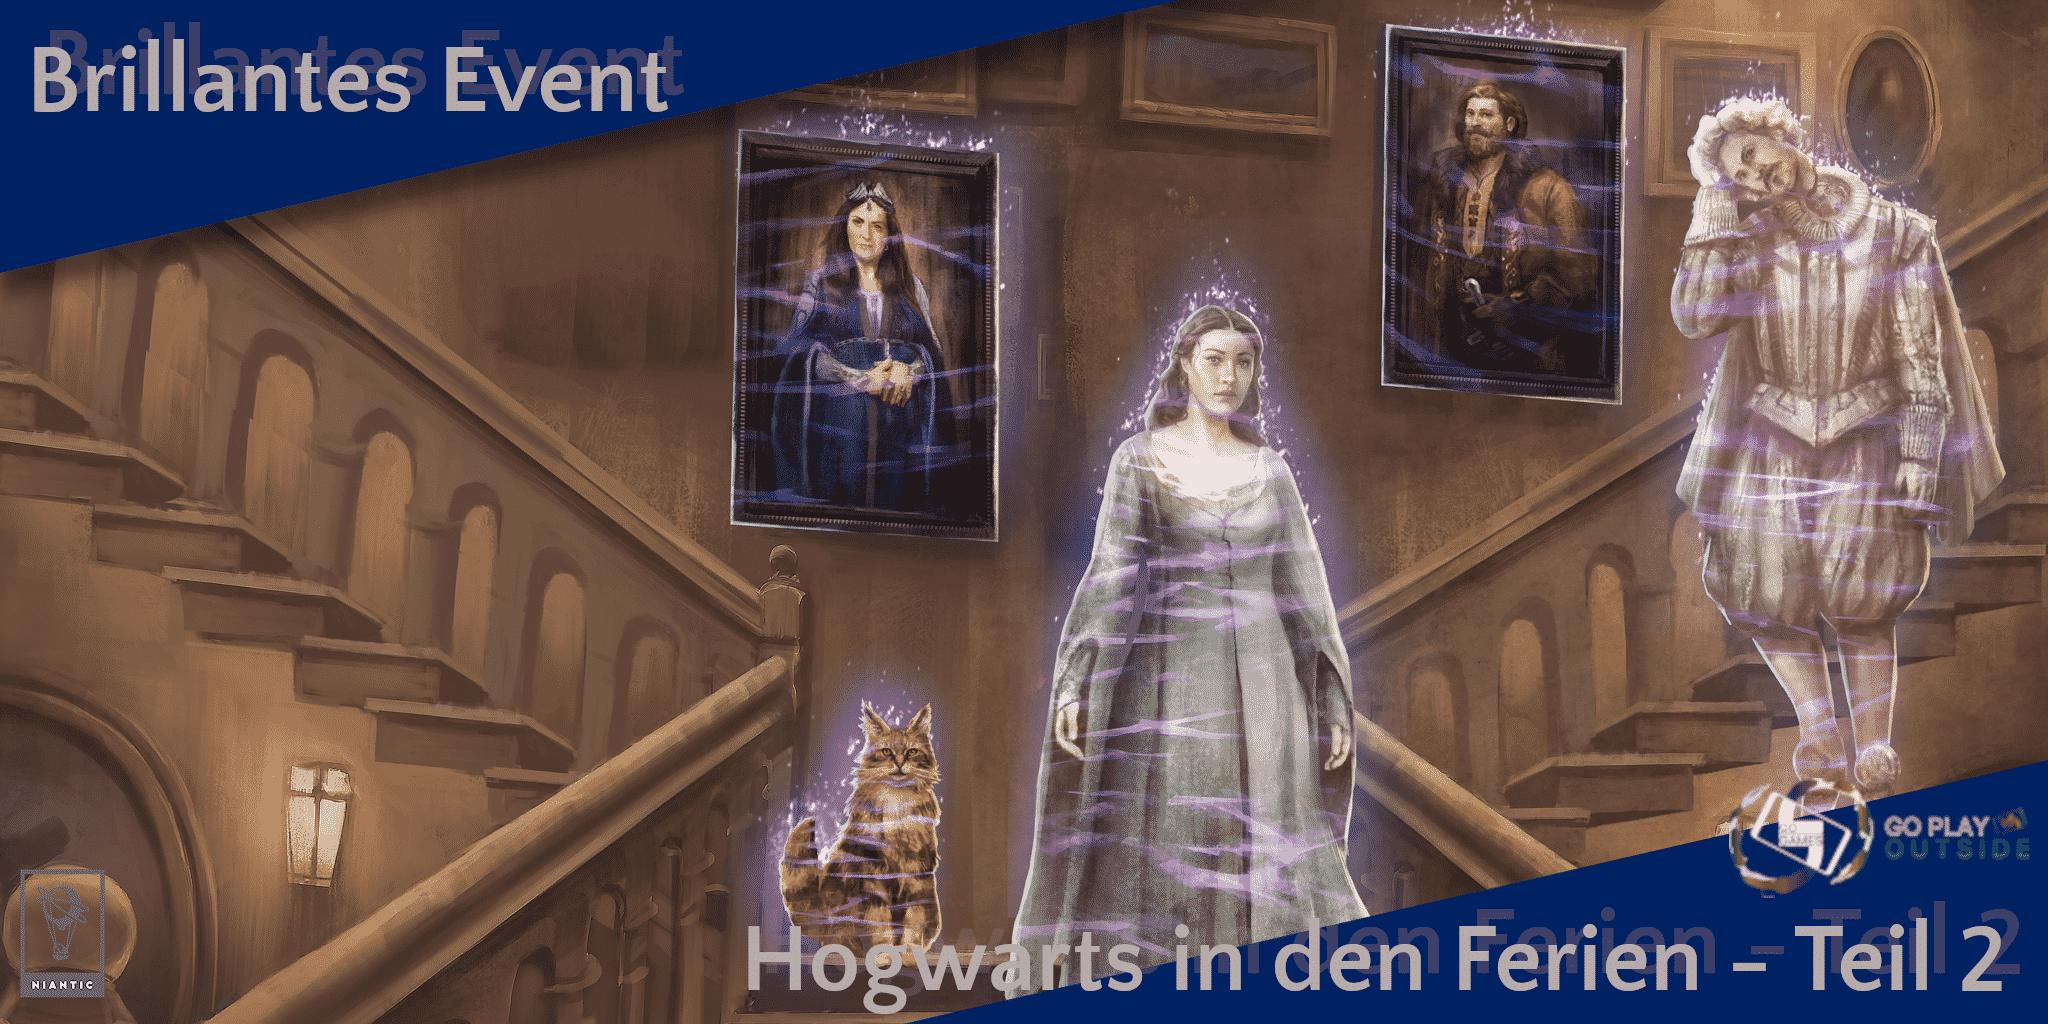 Hogwarts in den Ferien Teil 2